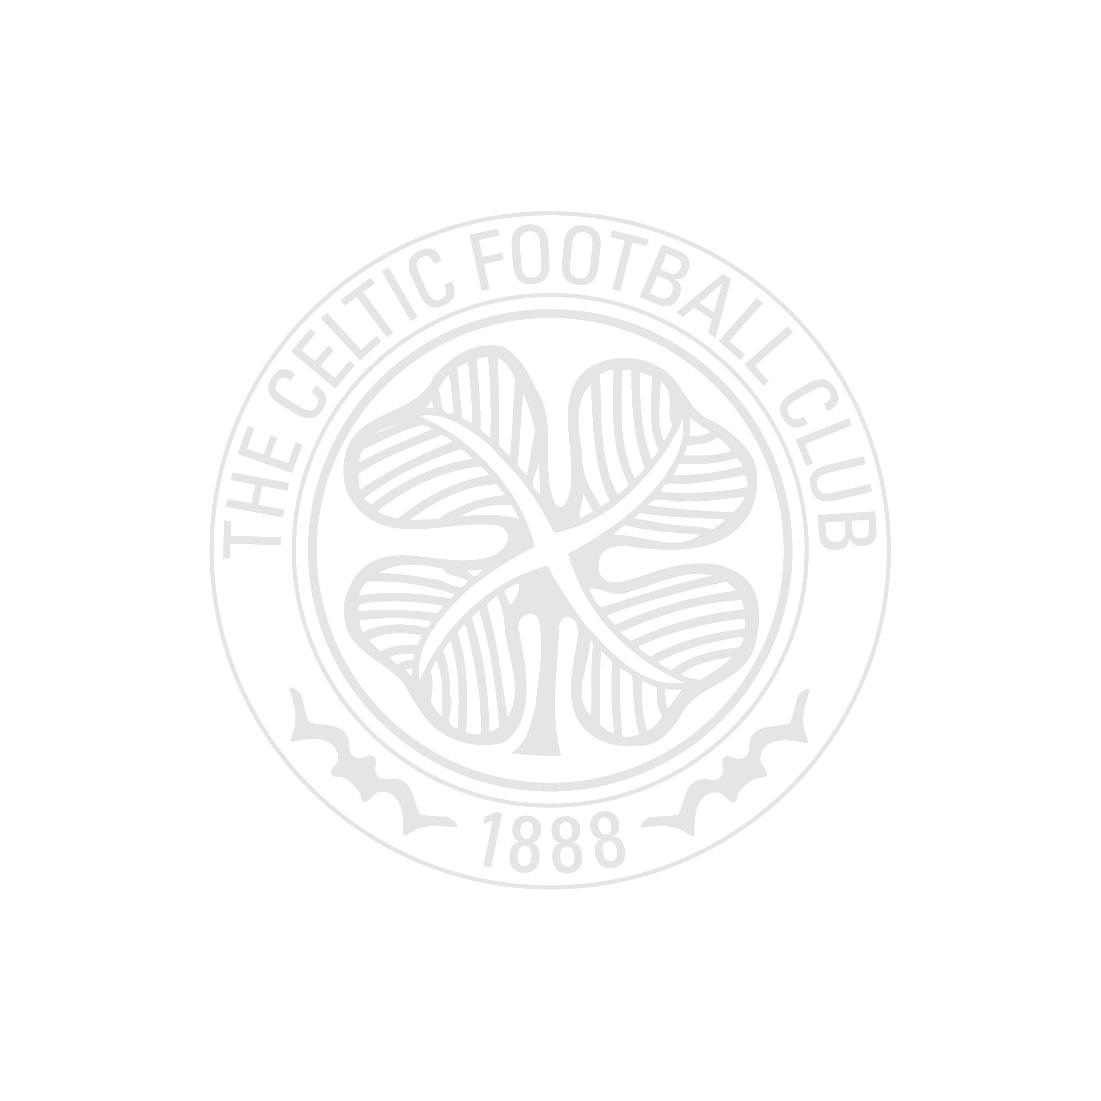 Celtic Esports 9Fifty Camo Cap